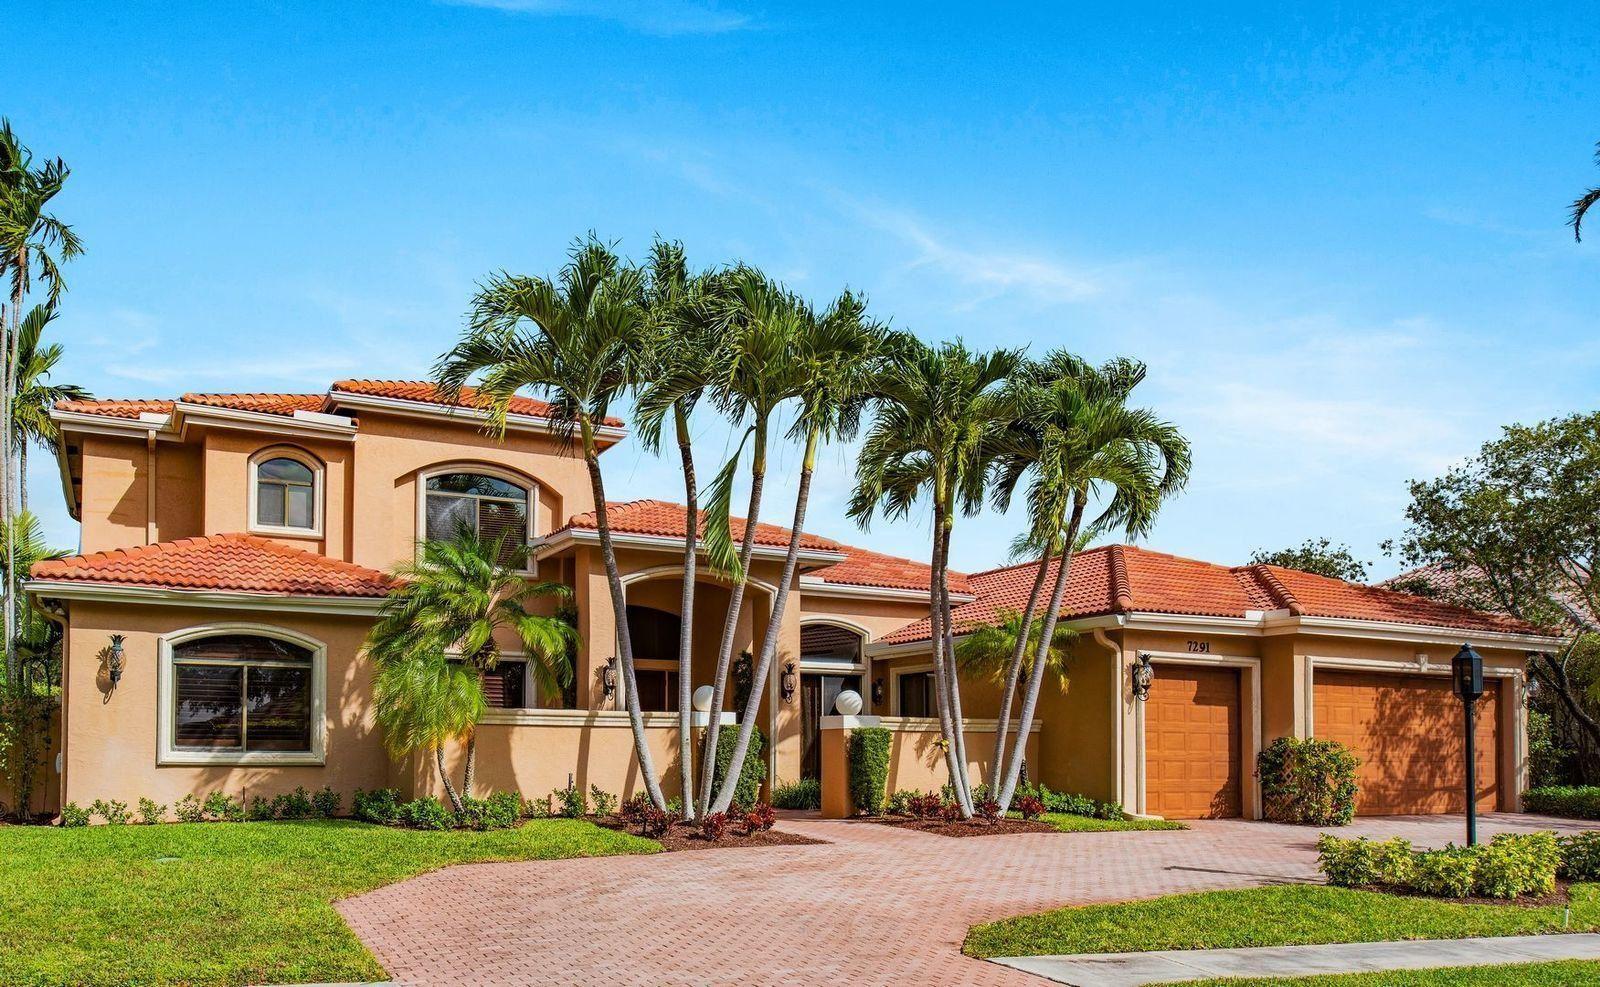 Photo of 7291 Valencia Drive, Boca Raton, FL 33433 (MLS # RX-10587735)